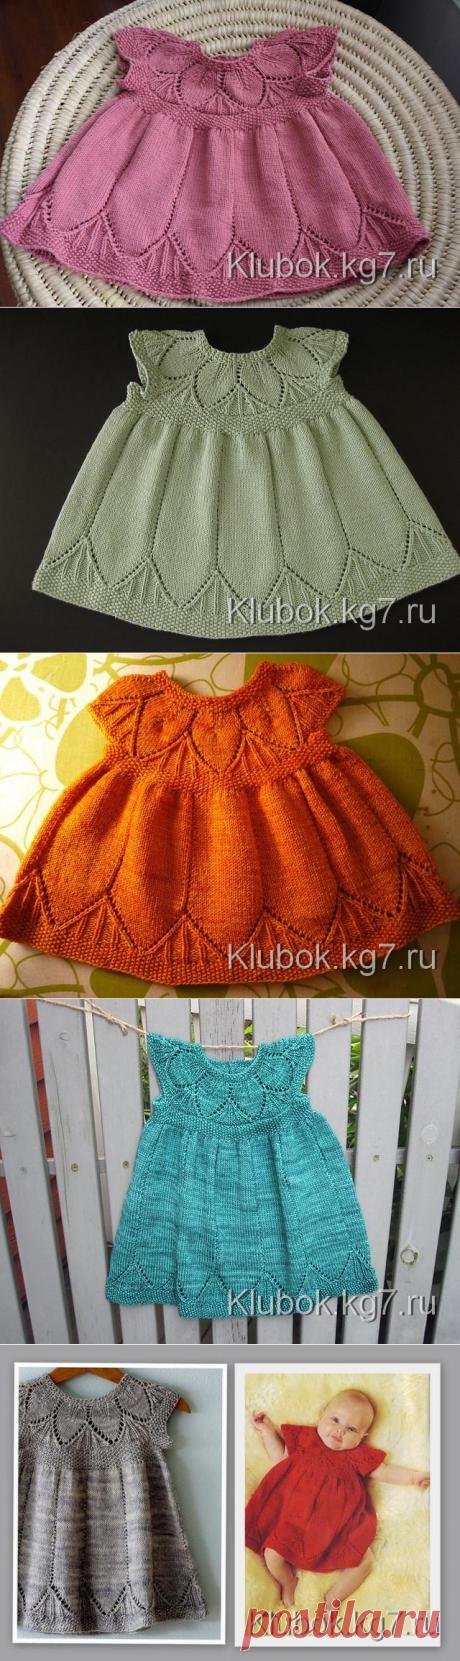 Детское платье с кокеткой листиками Clara | Клубок